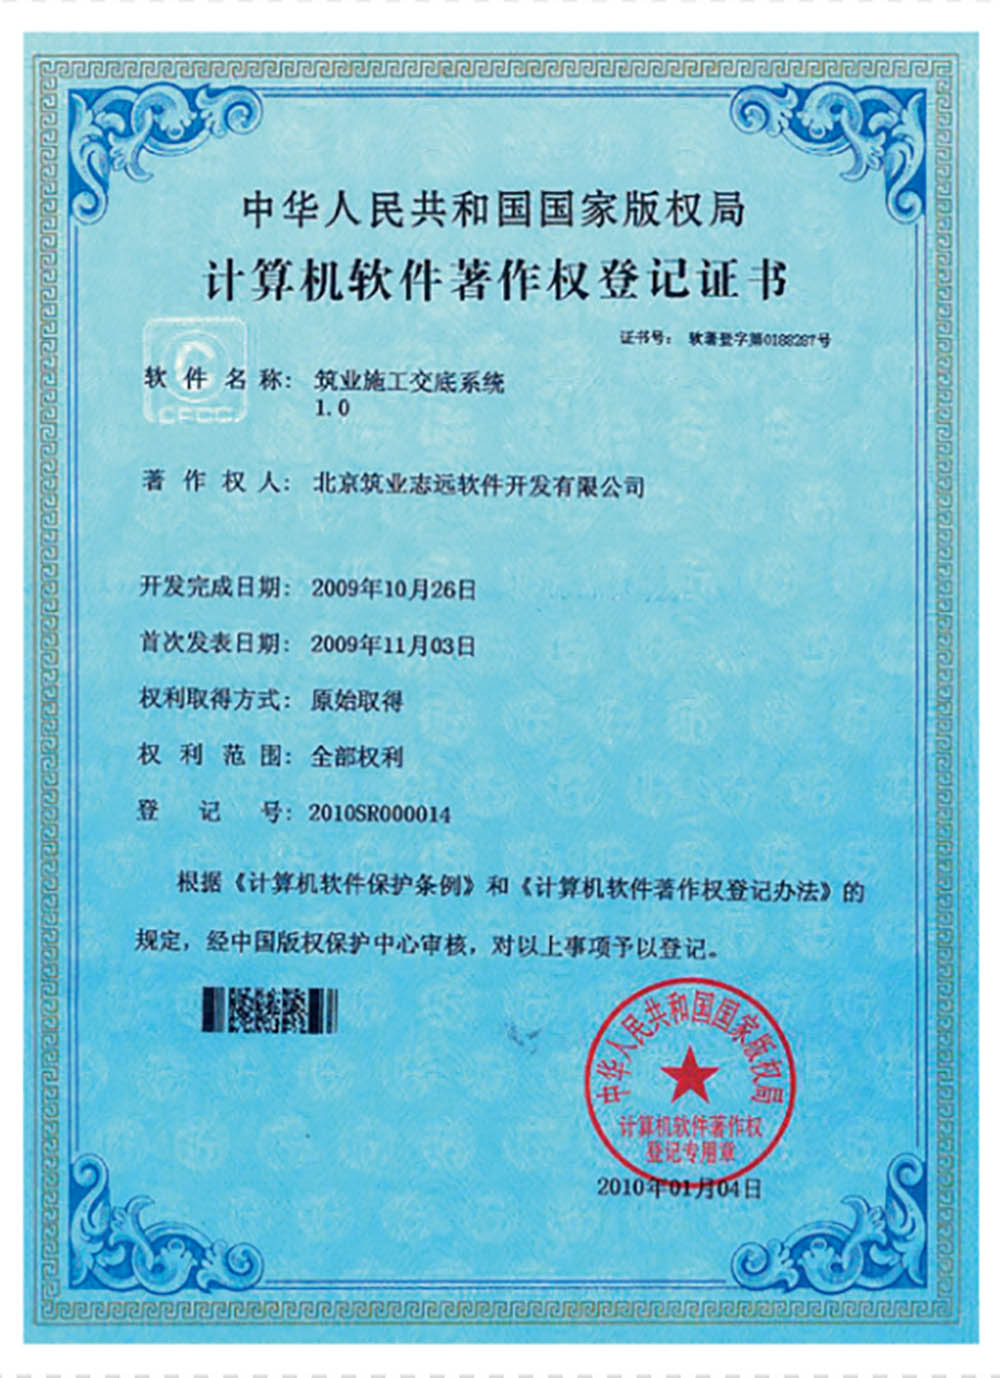 施工交底软件著作权登记